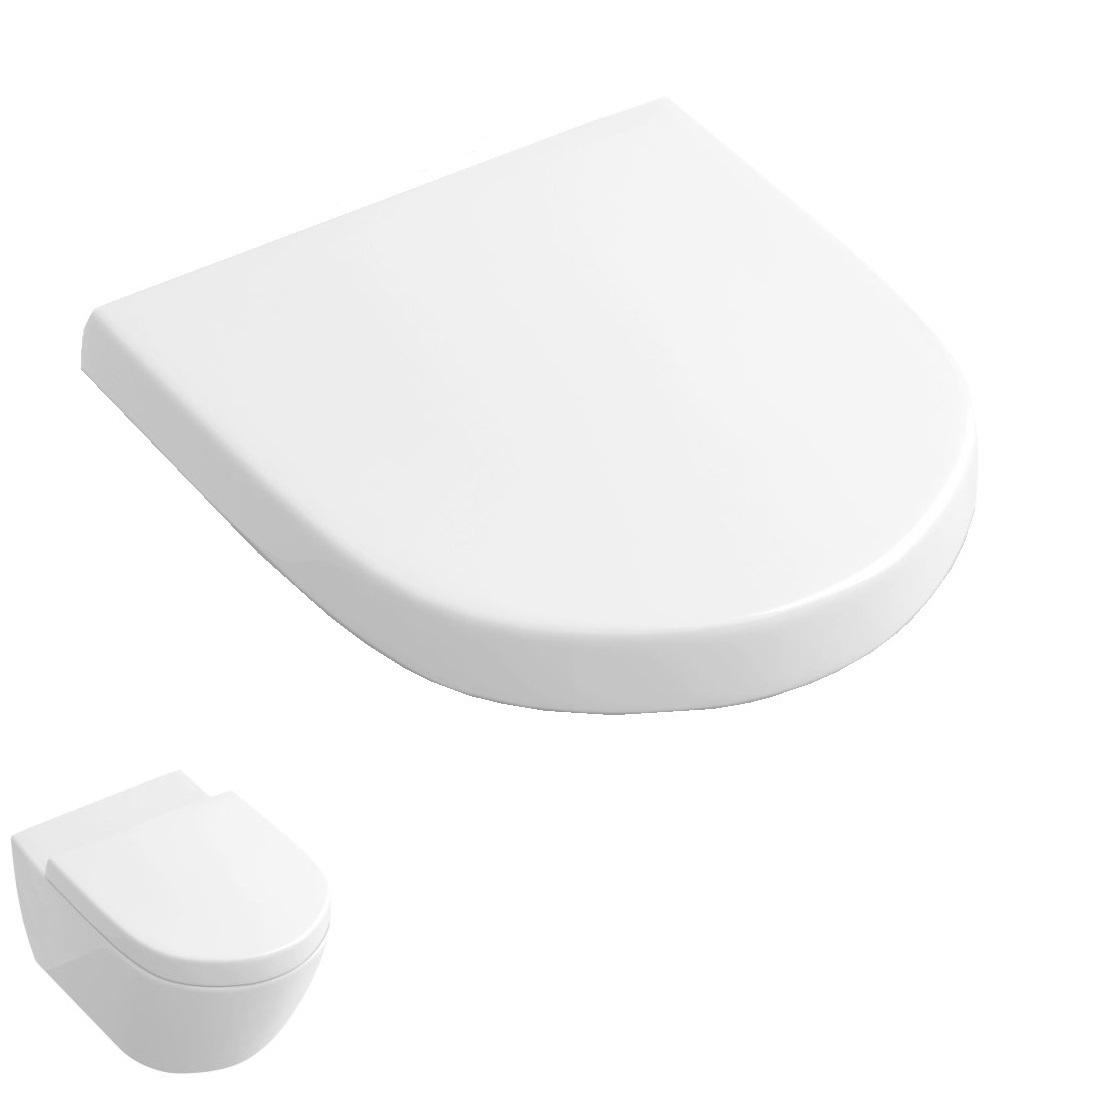 neg ersatz toilettendeckel brille h nge wc uno11rk wei. Black Bedroom Furniture Sets. Home Design Ideas